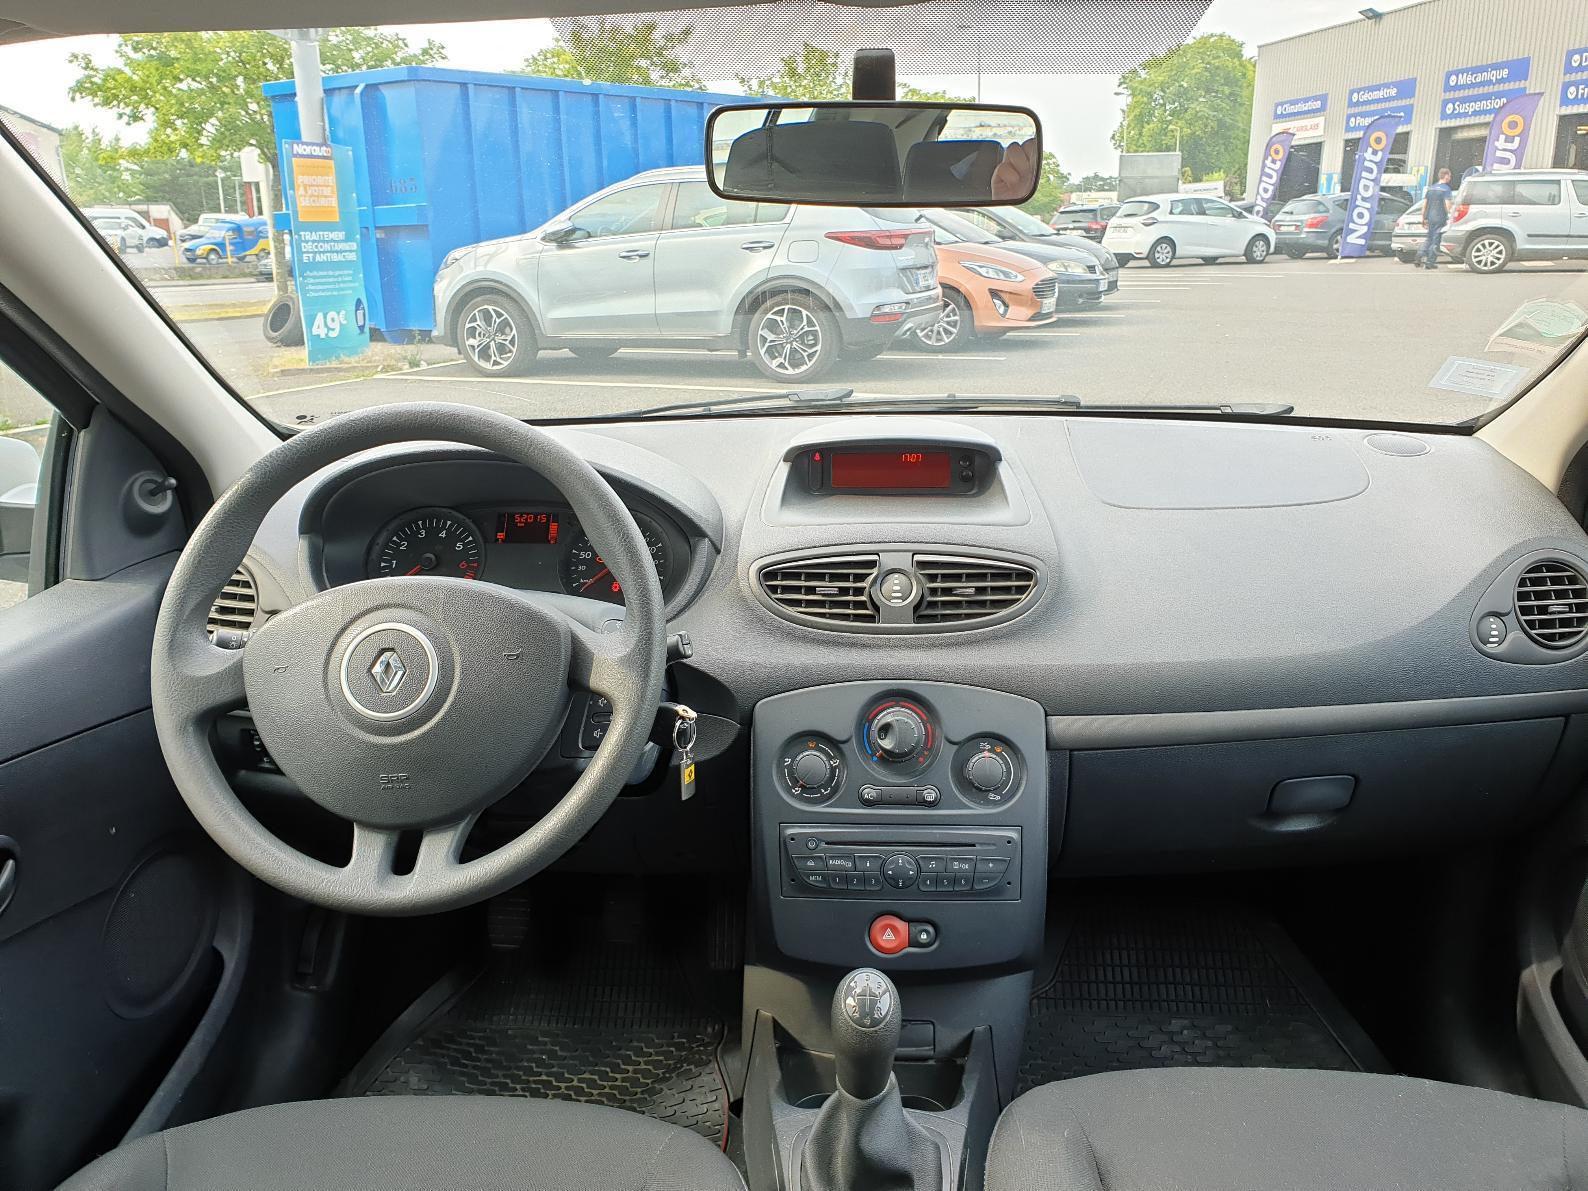 RENAULT CLIO III Clio III 1.2 16V 75 Zen